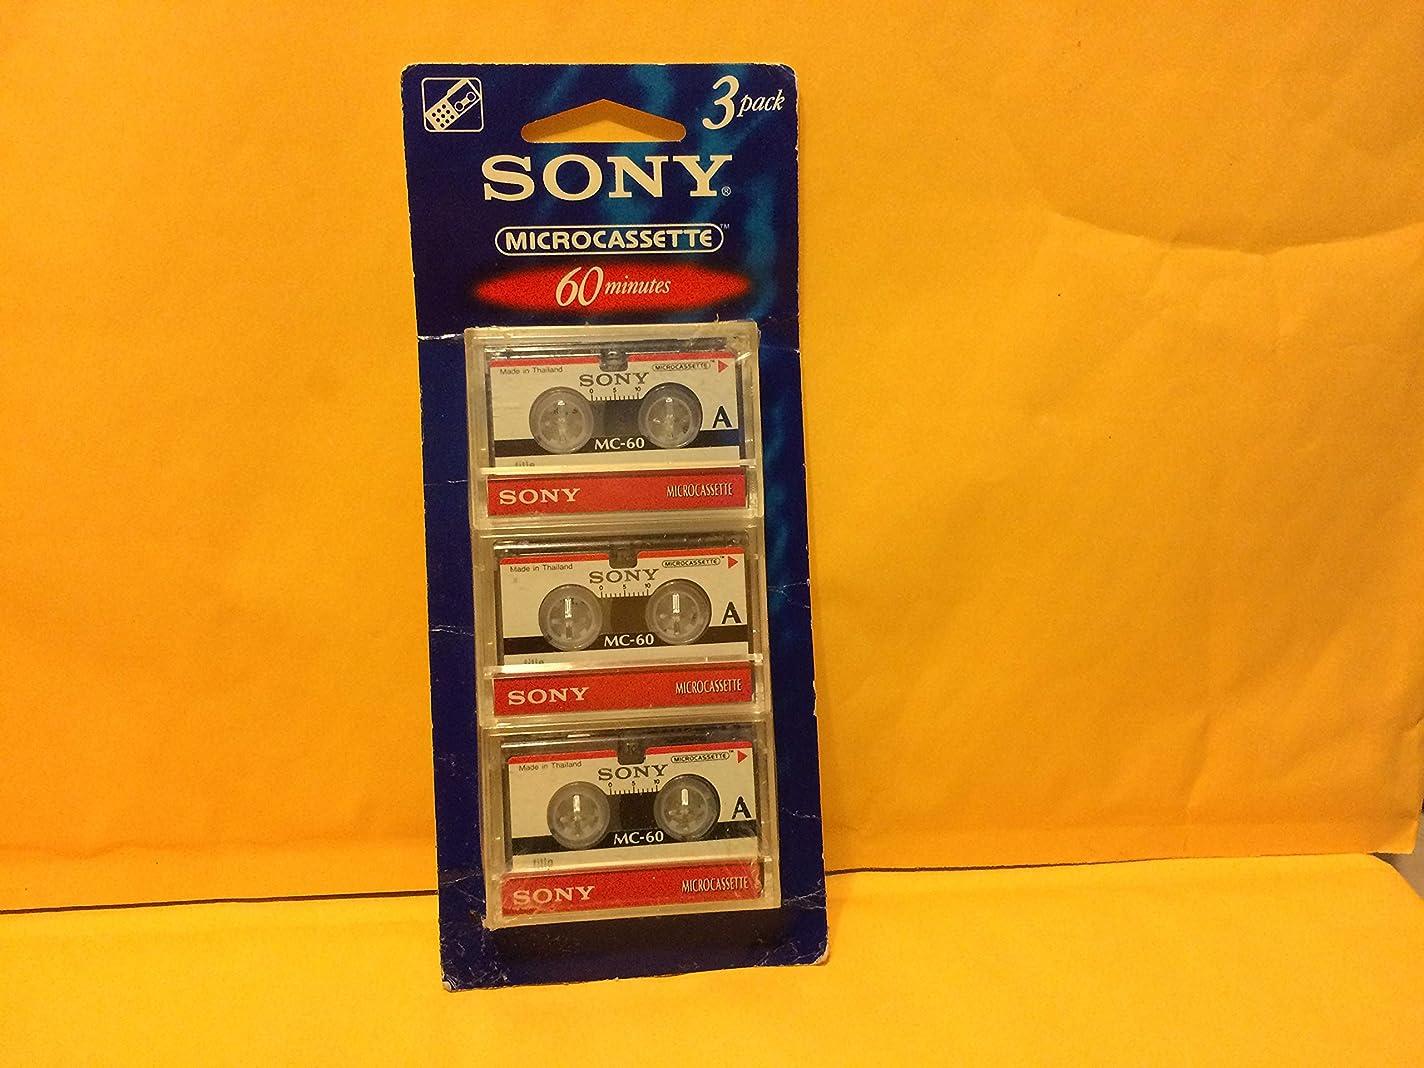 参照長くする何もないSony 3?mc-60b Microcassette?–?3パック